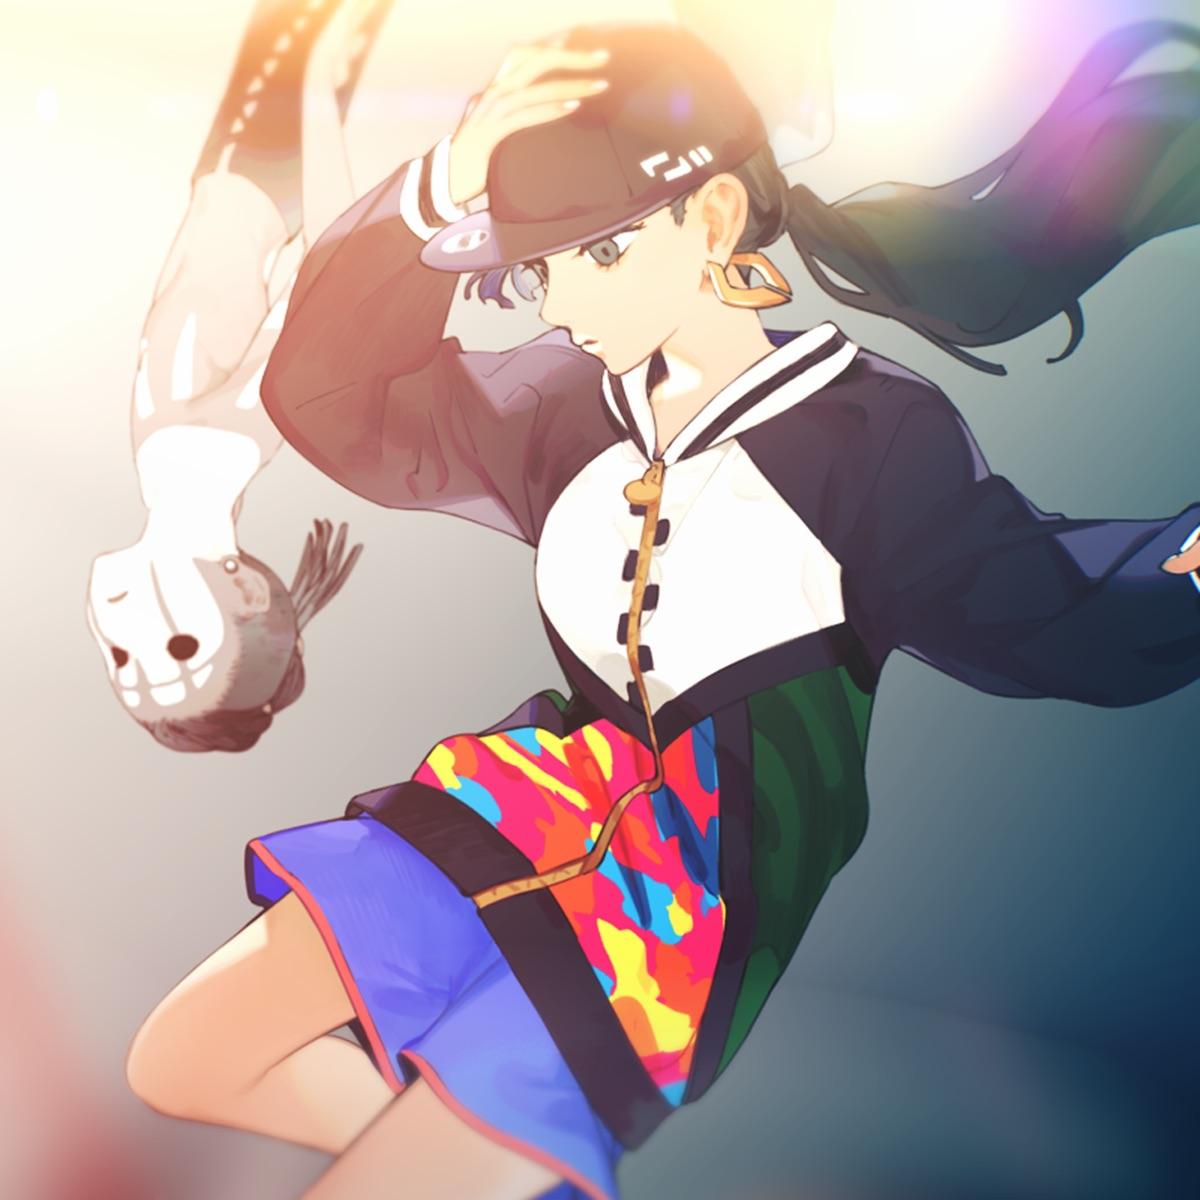 『FUZI × Neru - 0ptimi2er (feat. Luschka & Mas Kimura)』収録の『0ptimi2er (feat. Luschka & Mas Kimura)』ジャケット